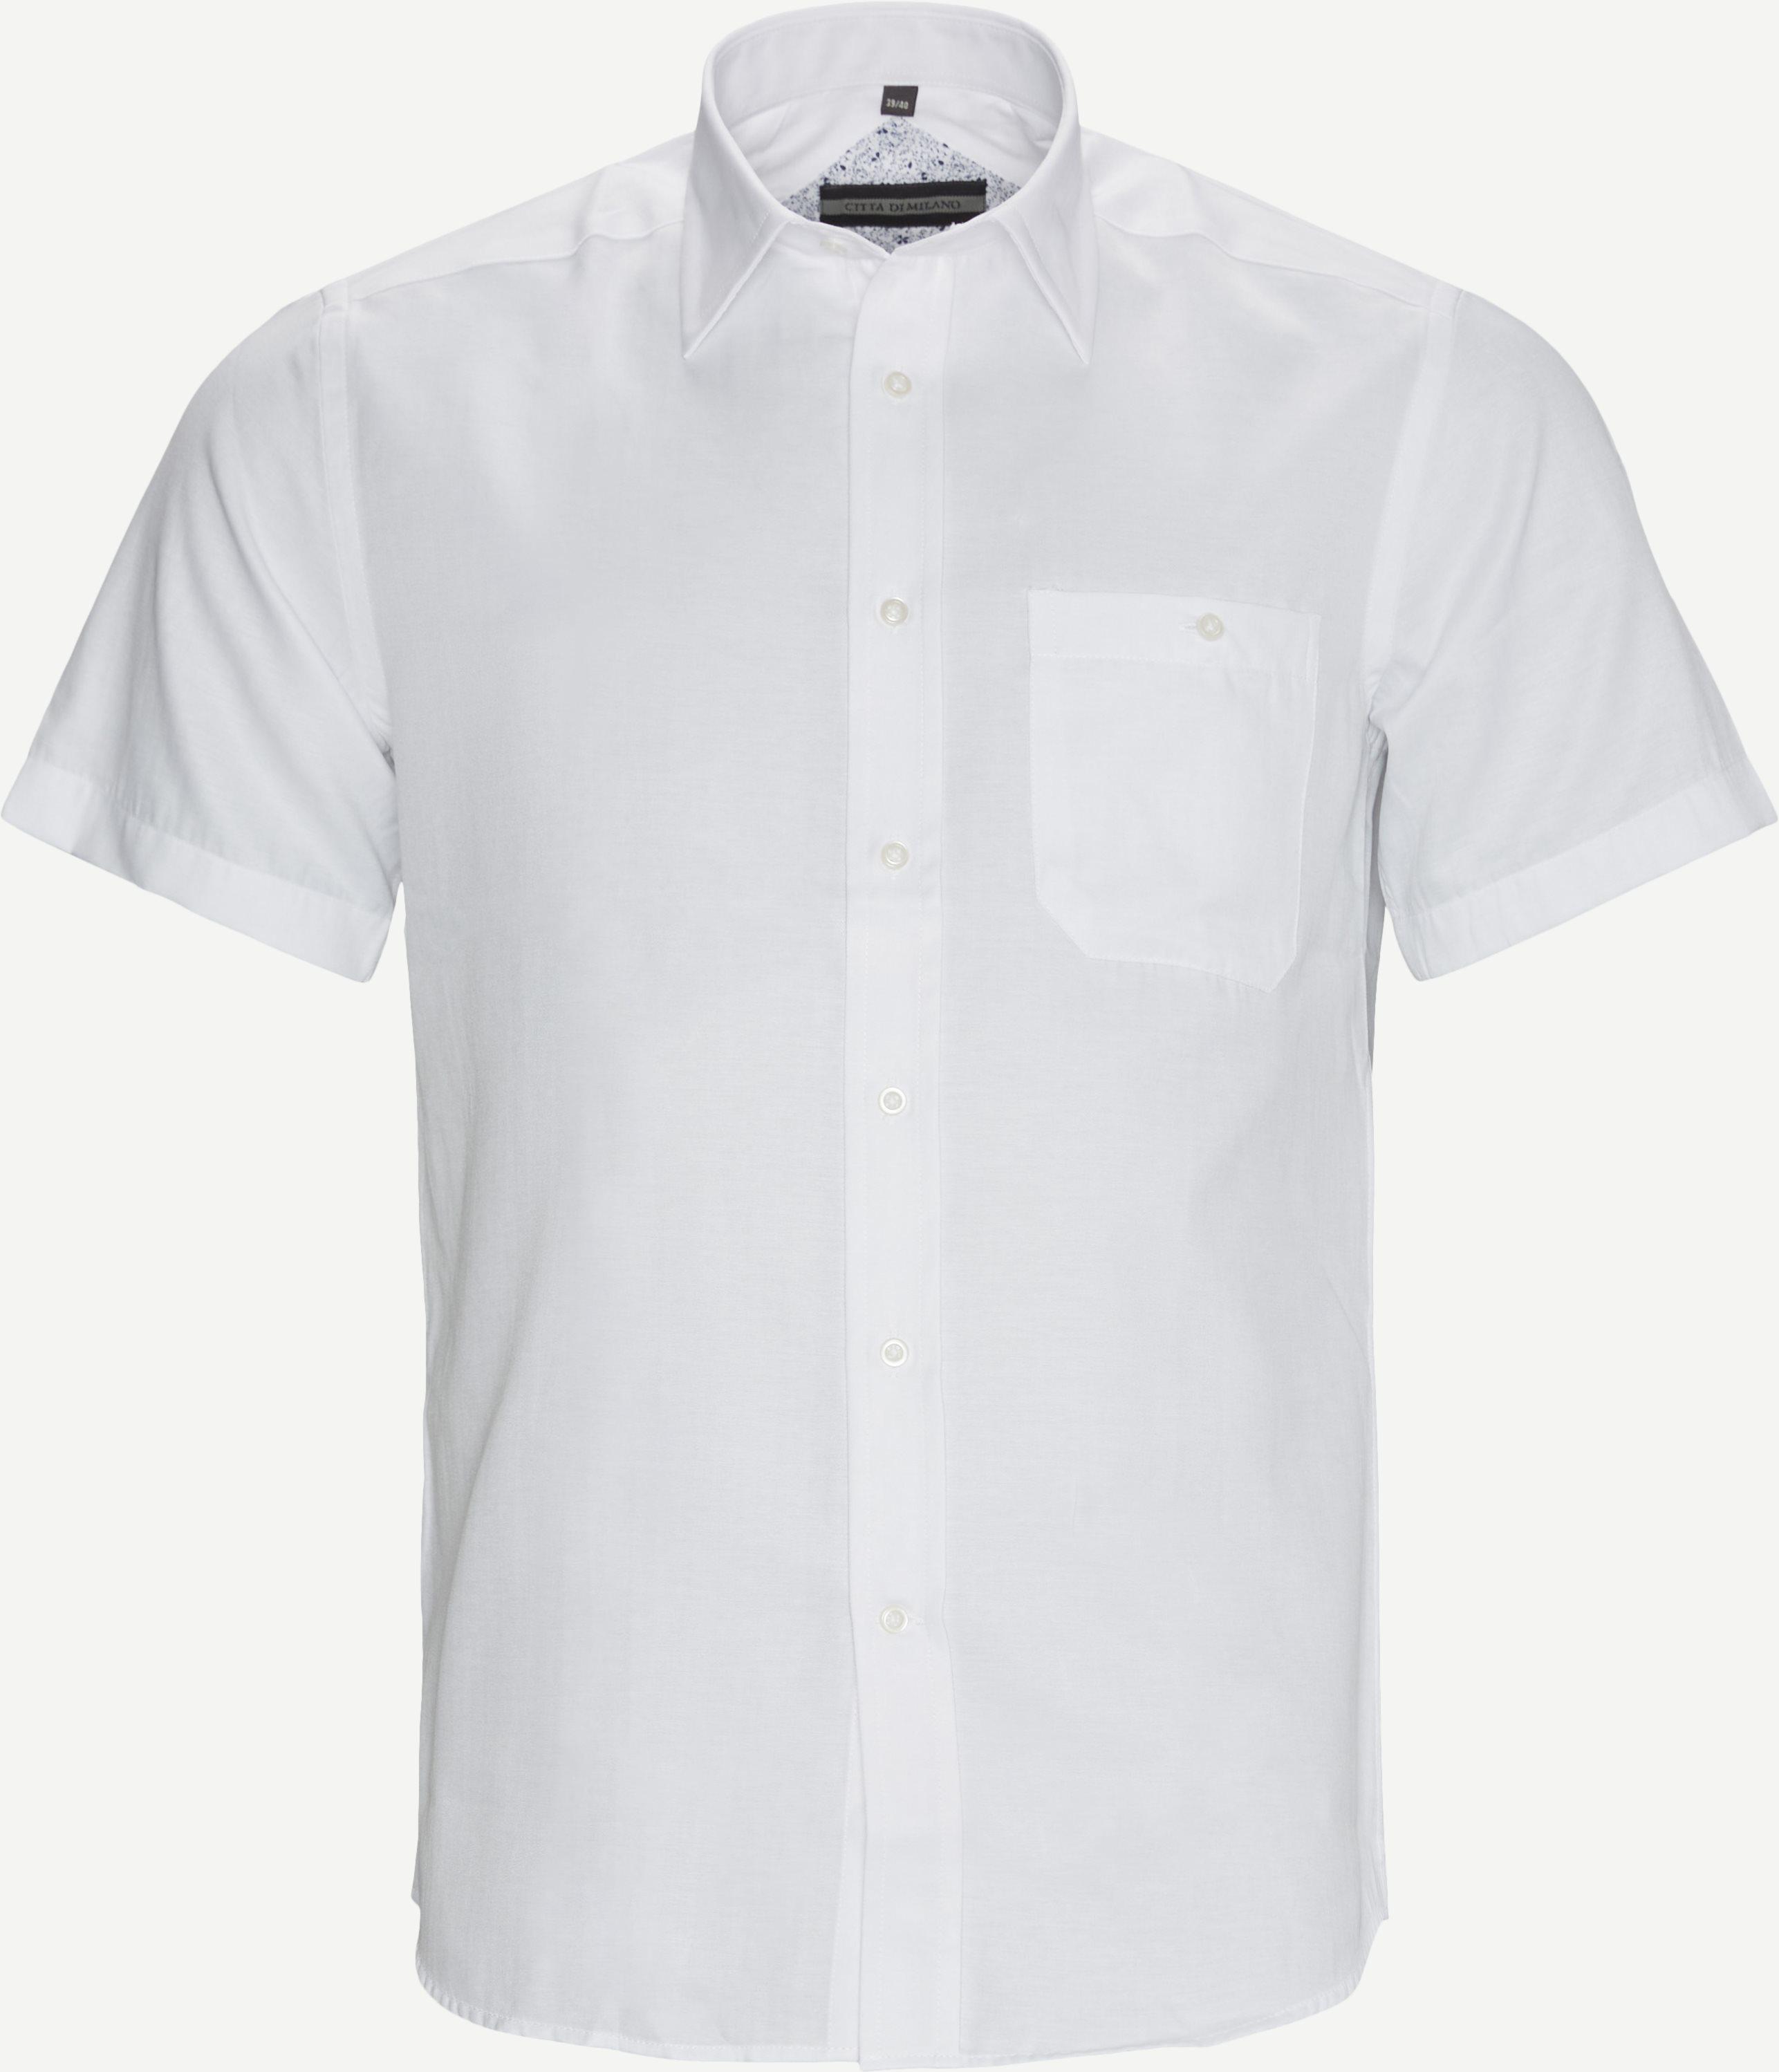 Kurzärmlige Hemden - Regular fit - Weiß